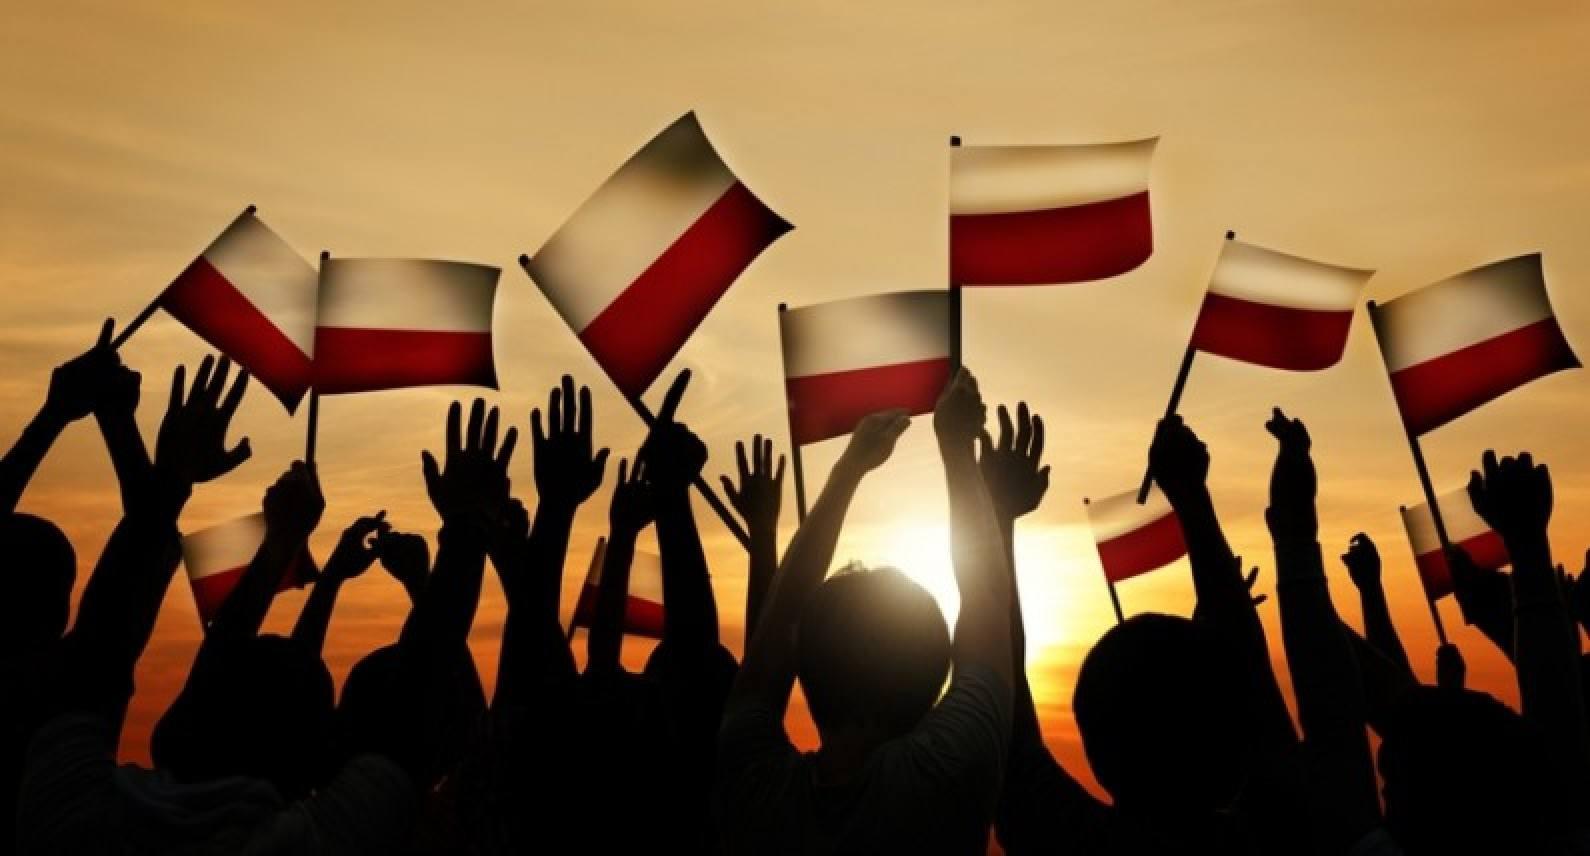 Polska otworzy granice: kiedy dotrzemy nad Wisłę samolotem?